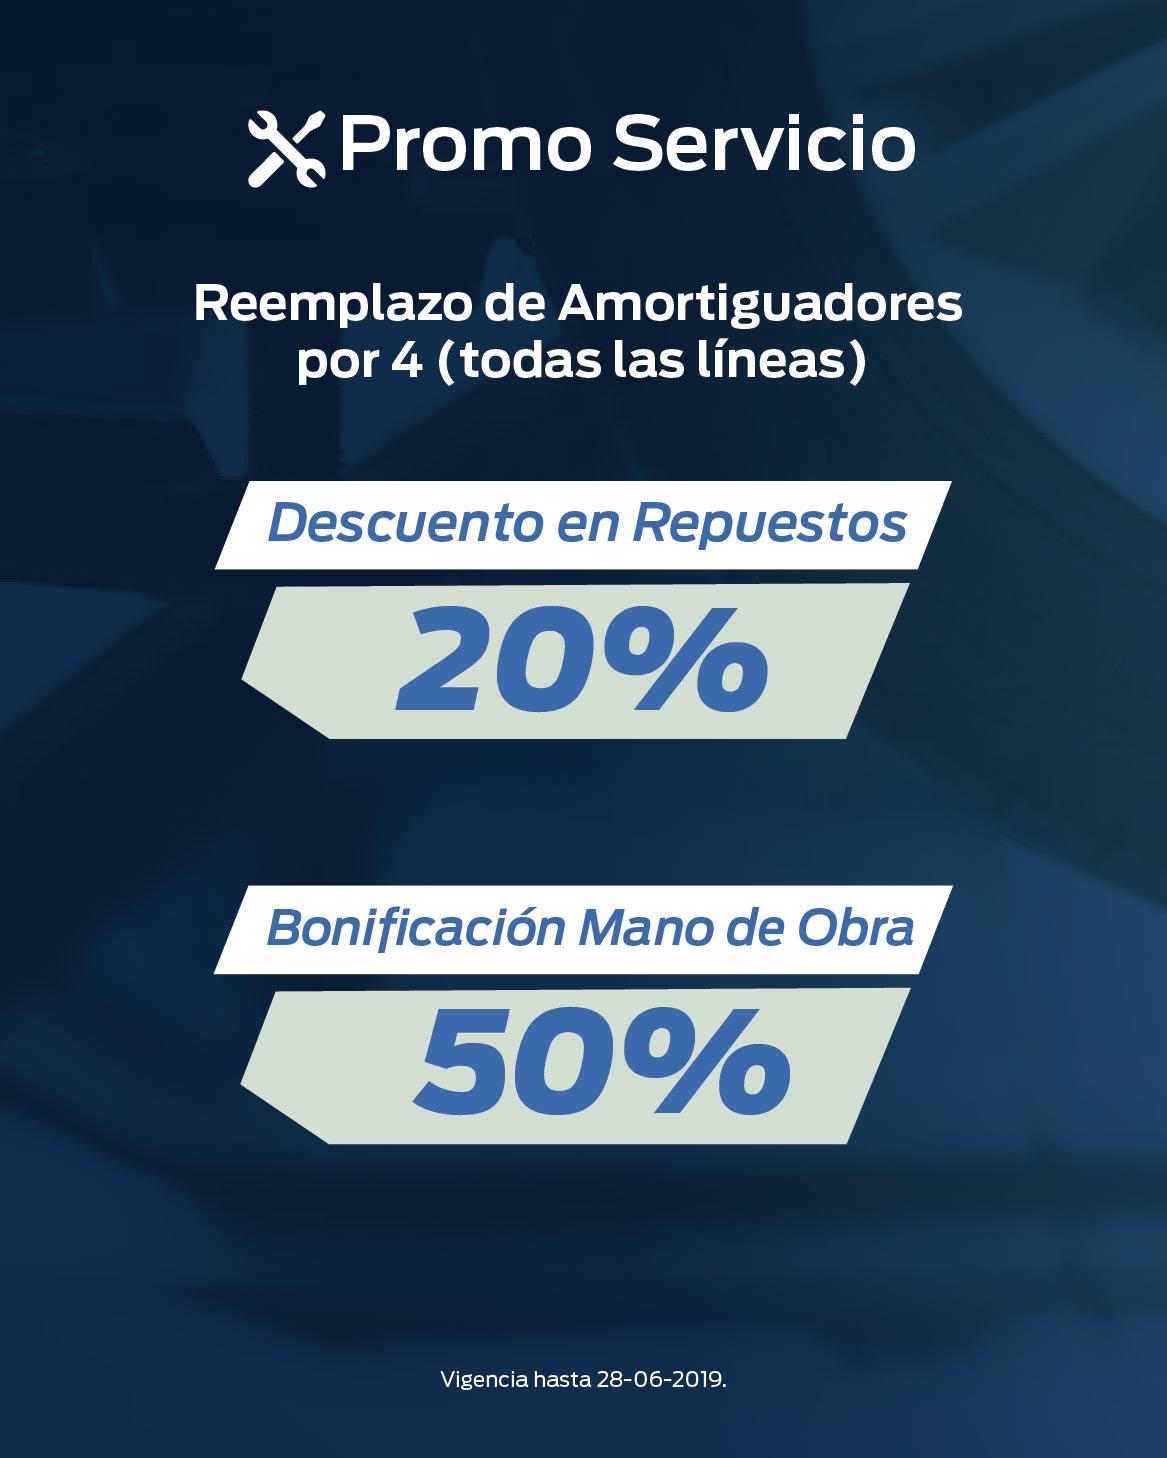 Promo Servicio Reemplazo de Amortiguadores (06/06/2019)